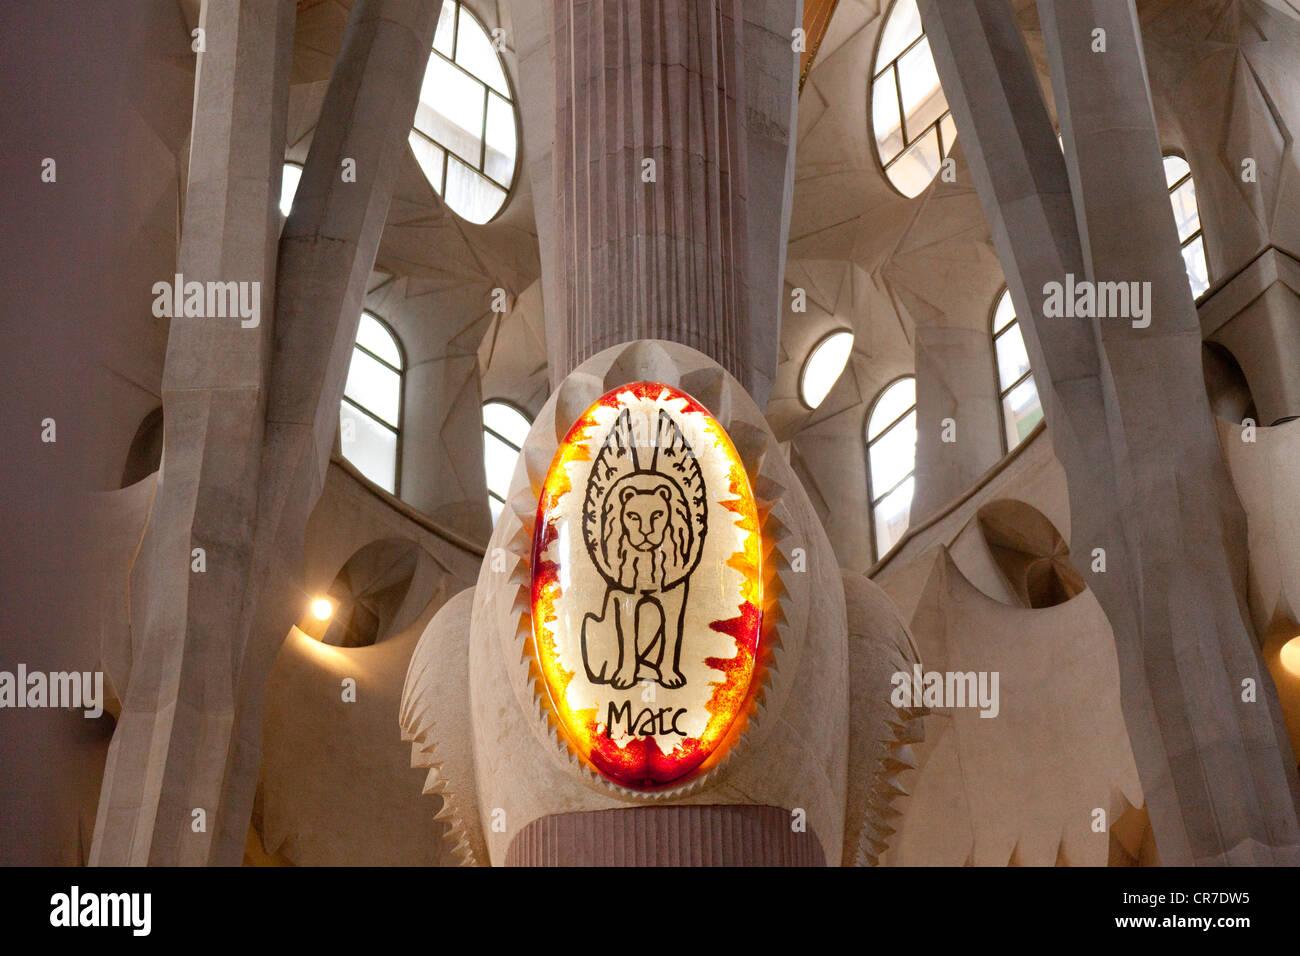 Stylised lion, interior of Sagrada Familia, Basílica i Temple Expiatori de la Sagrada Família, Basilica - Stock Image